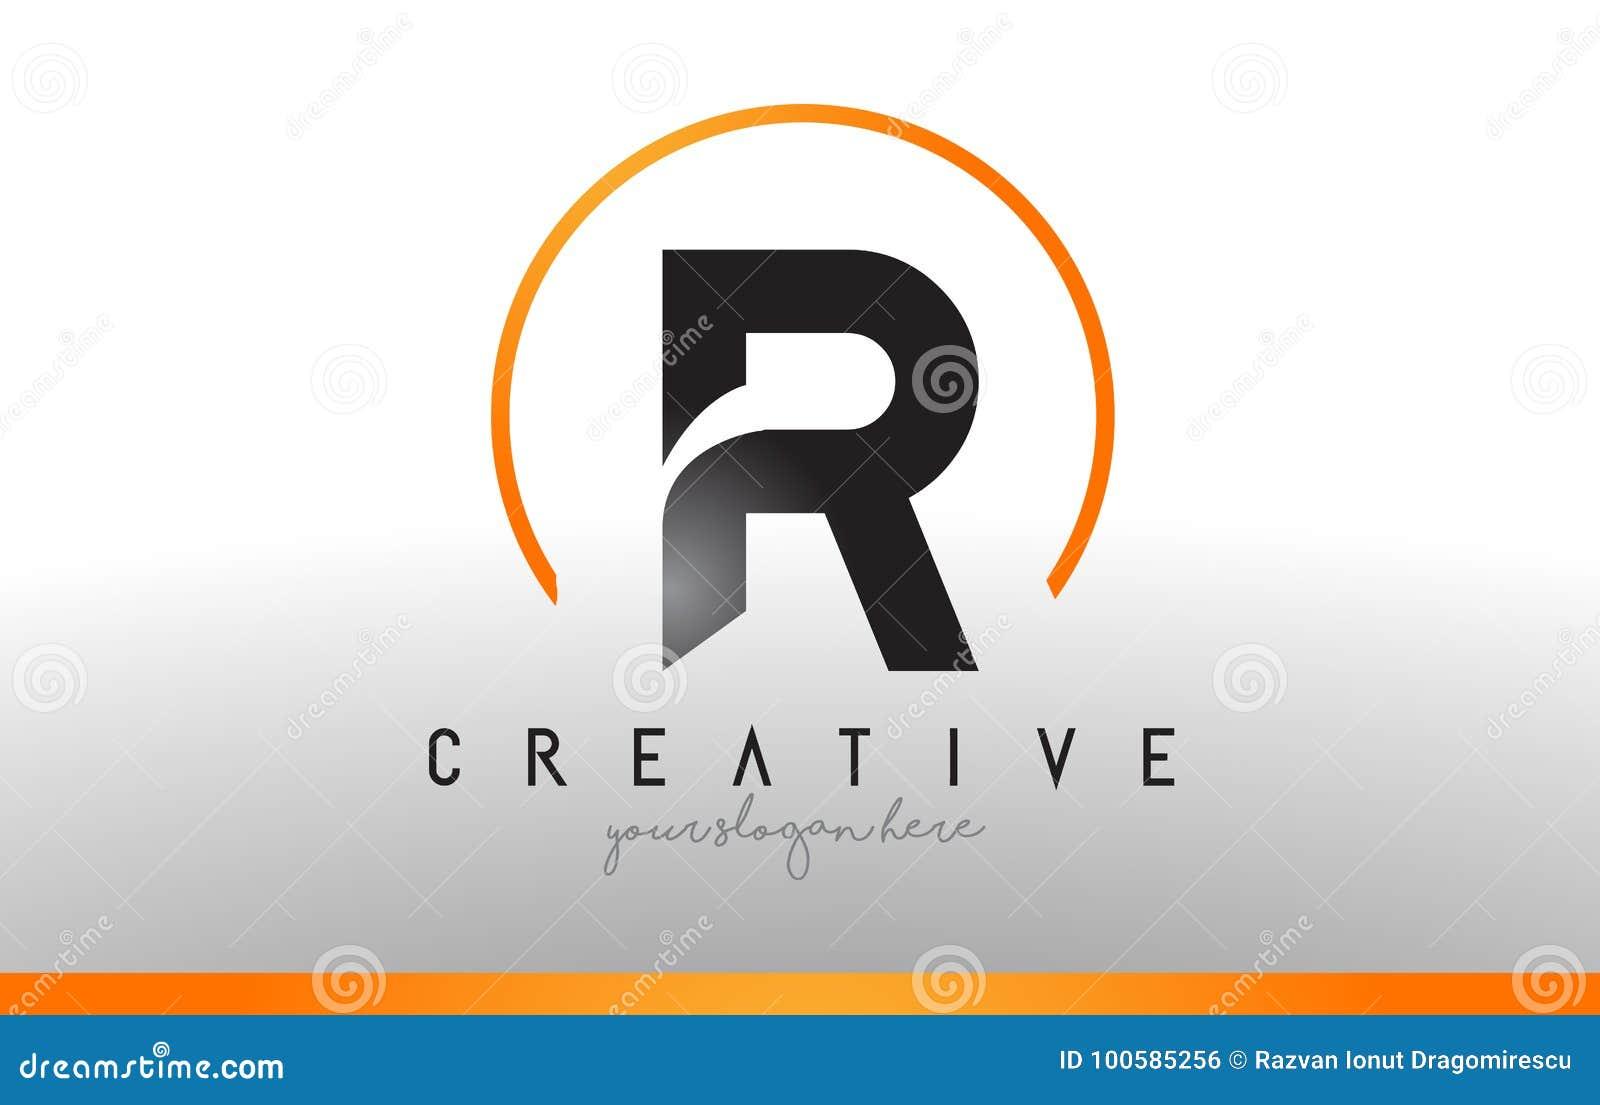 R Letter Logo Design With Black Orange Color  Cool Modern